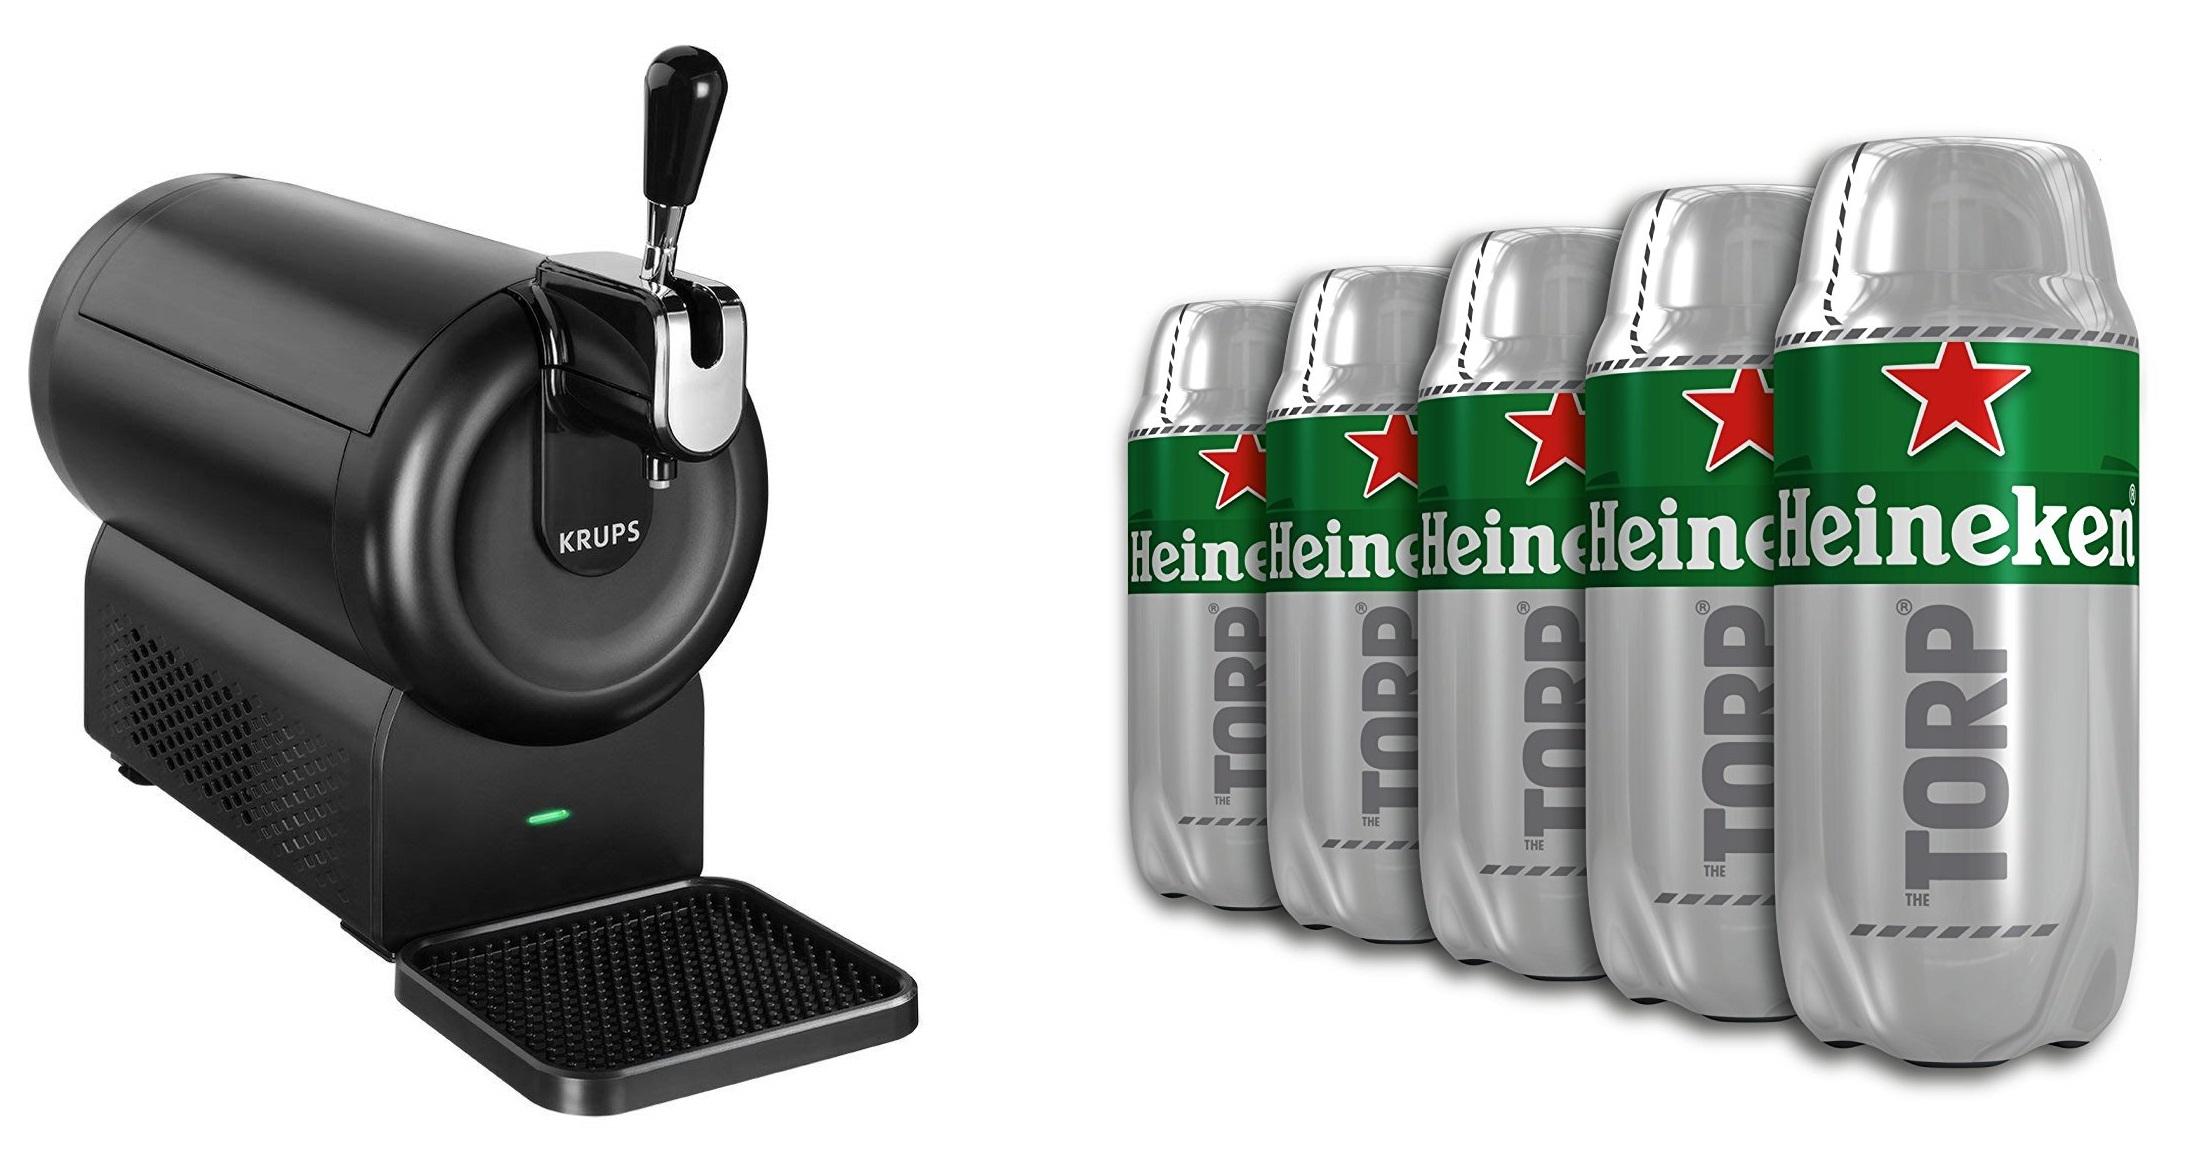 Tirador de Cerveza + Caja de 5 Trops 2 L Heineken (10 L total)